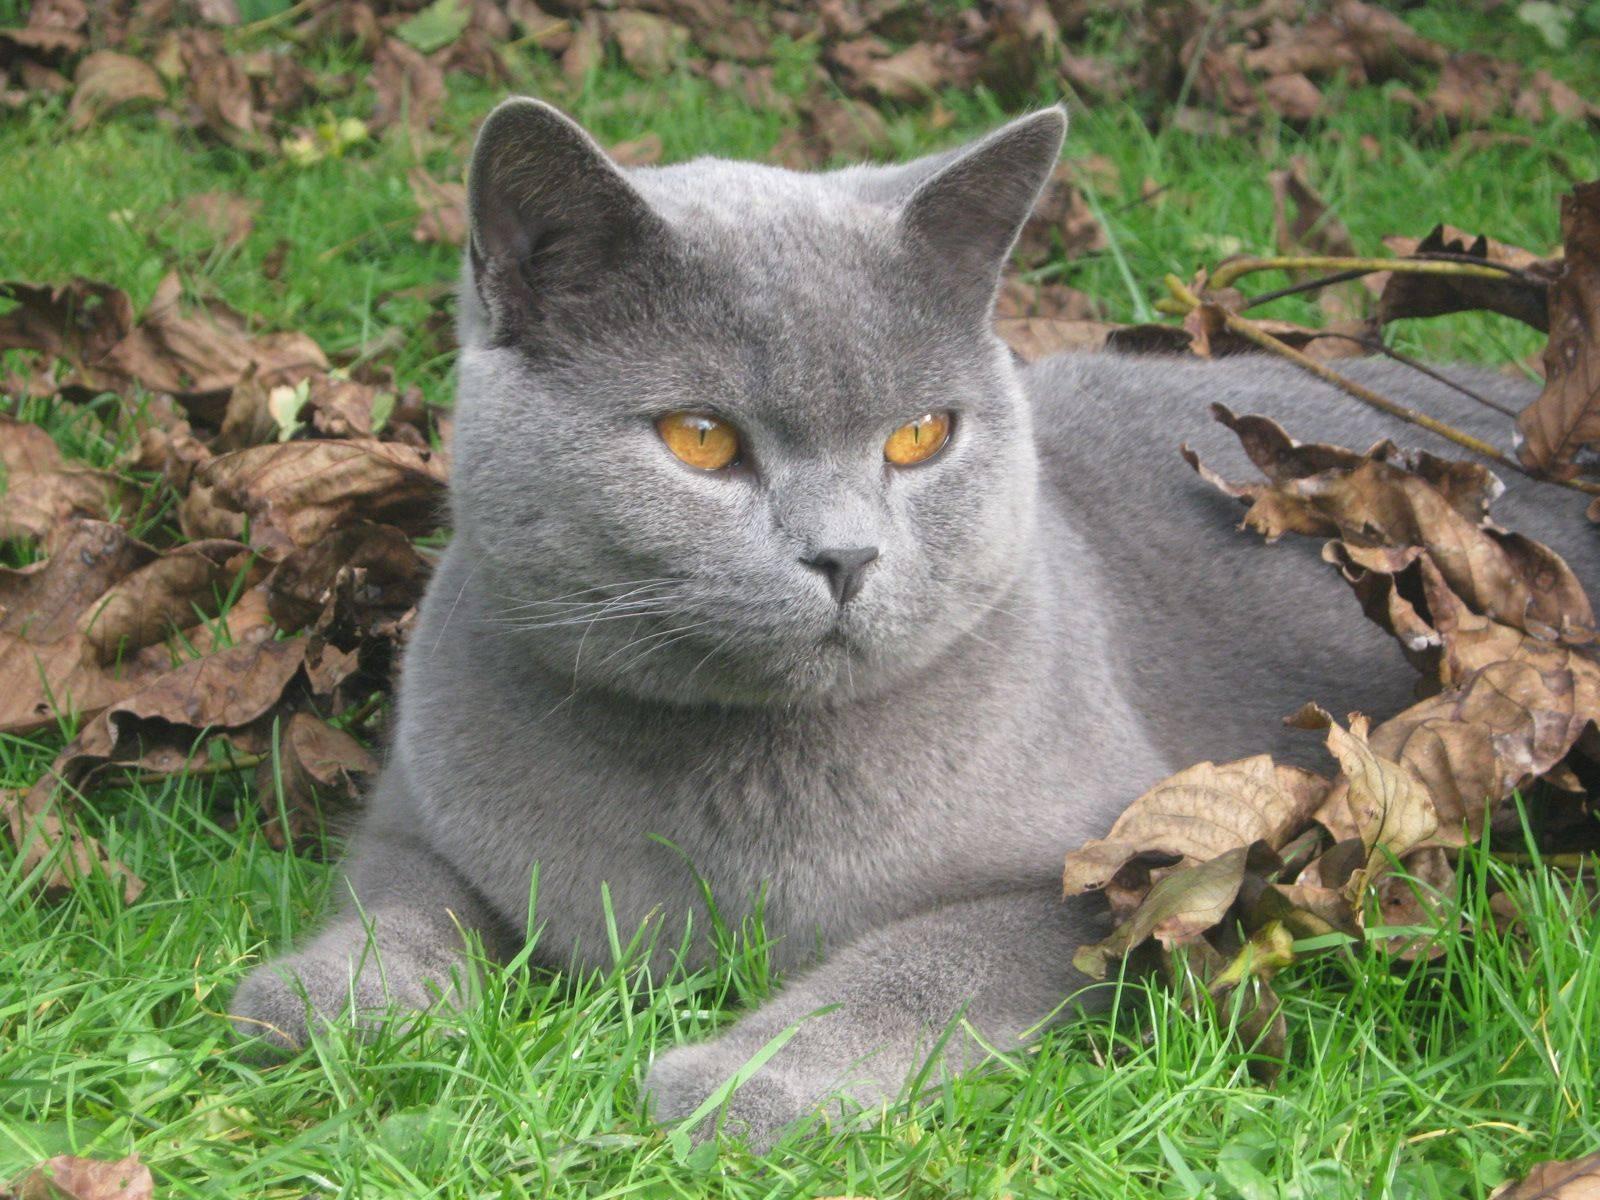 Картезианская кошка, или шартрез: описание породы, характер, цена, содержание и уход, фото